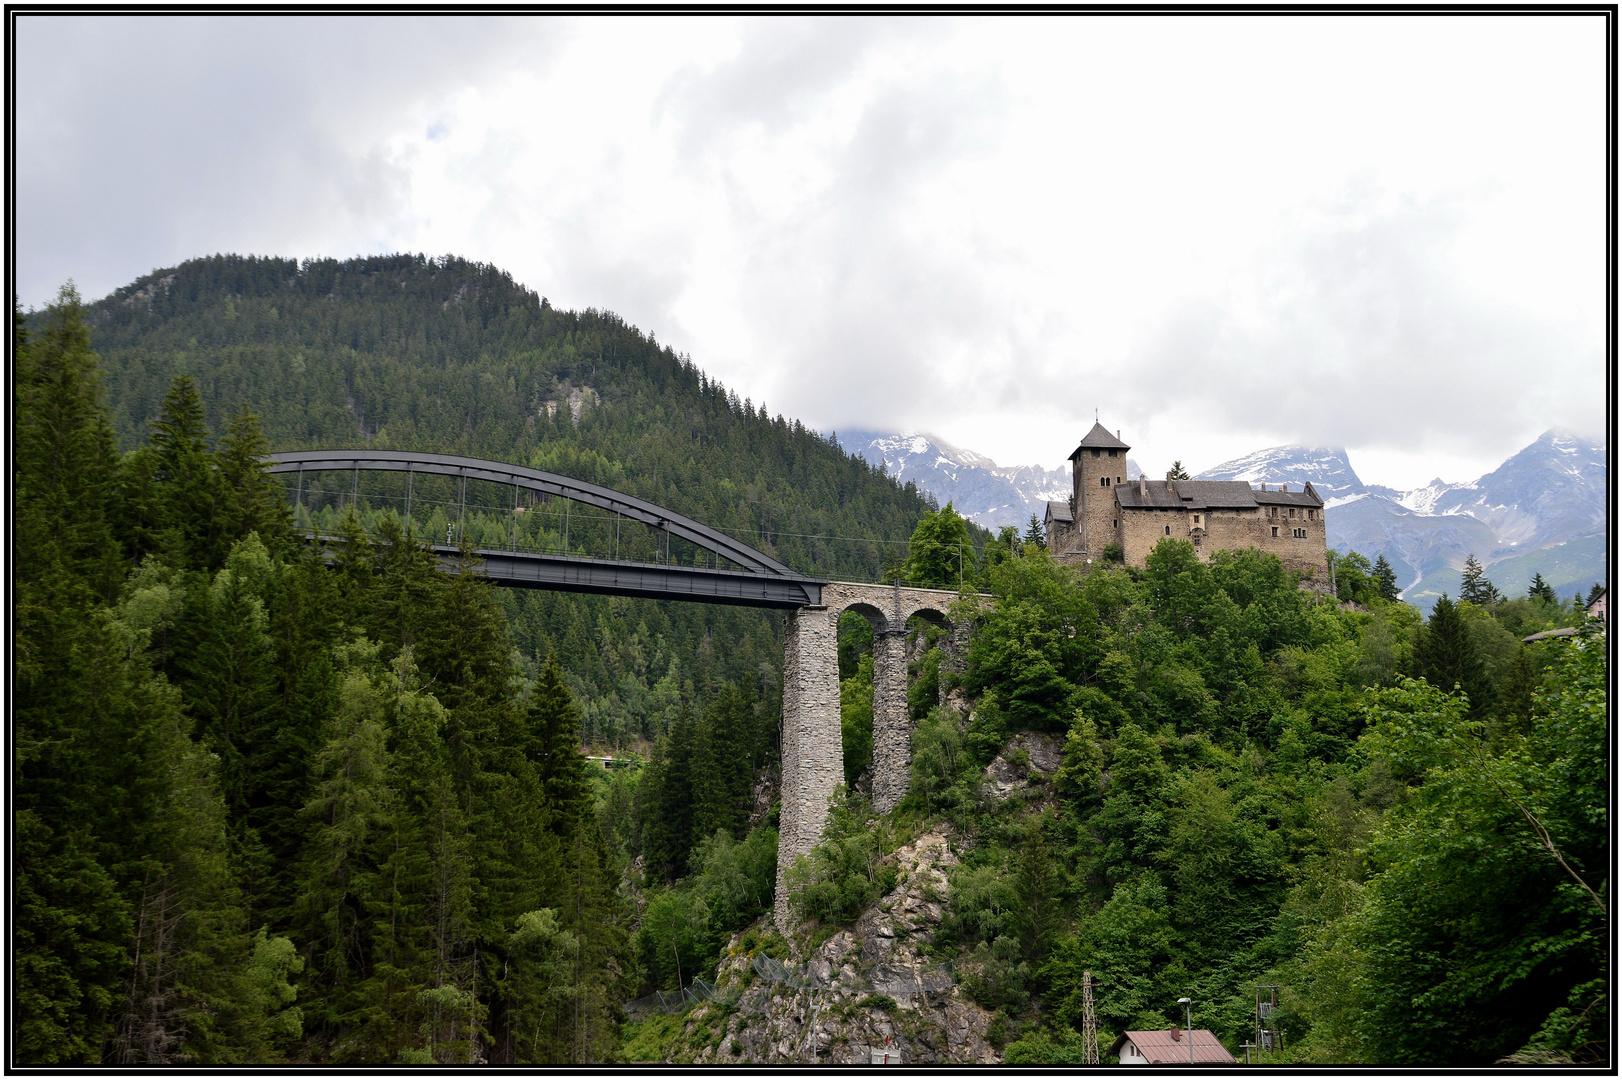 Trisannabrücke und Schloss Wiesberg - Tirol